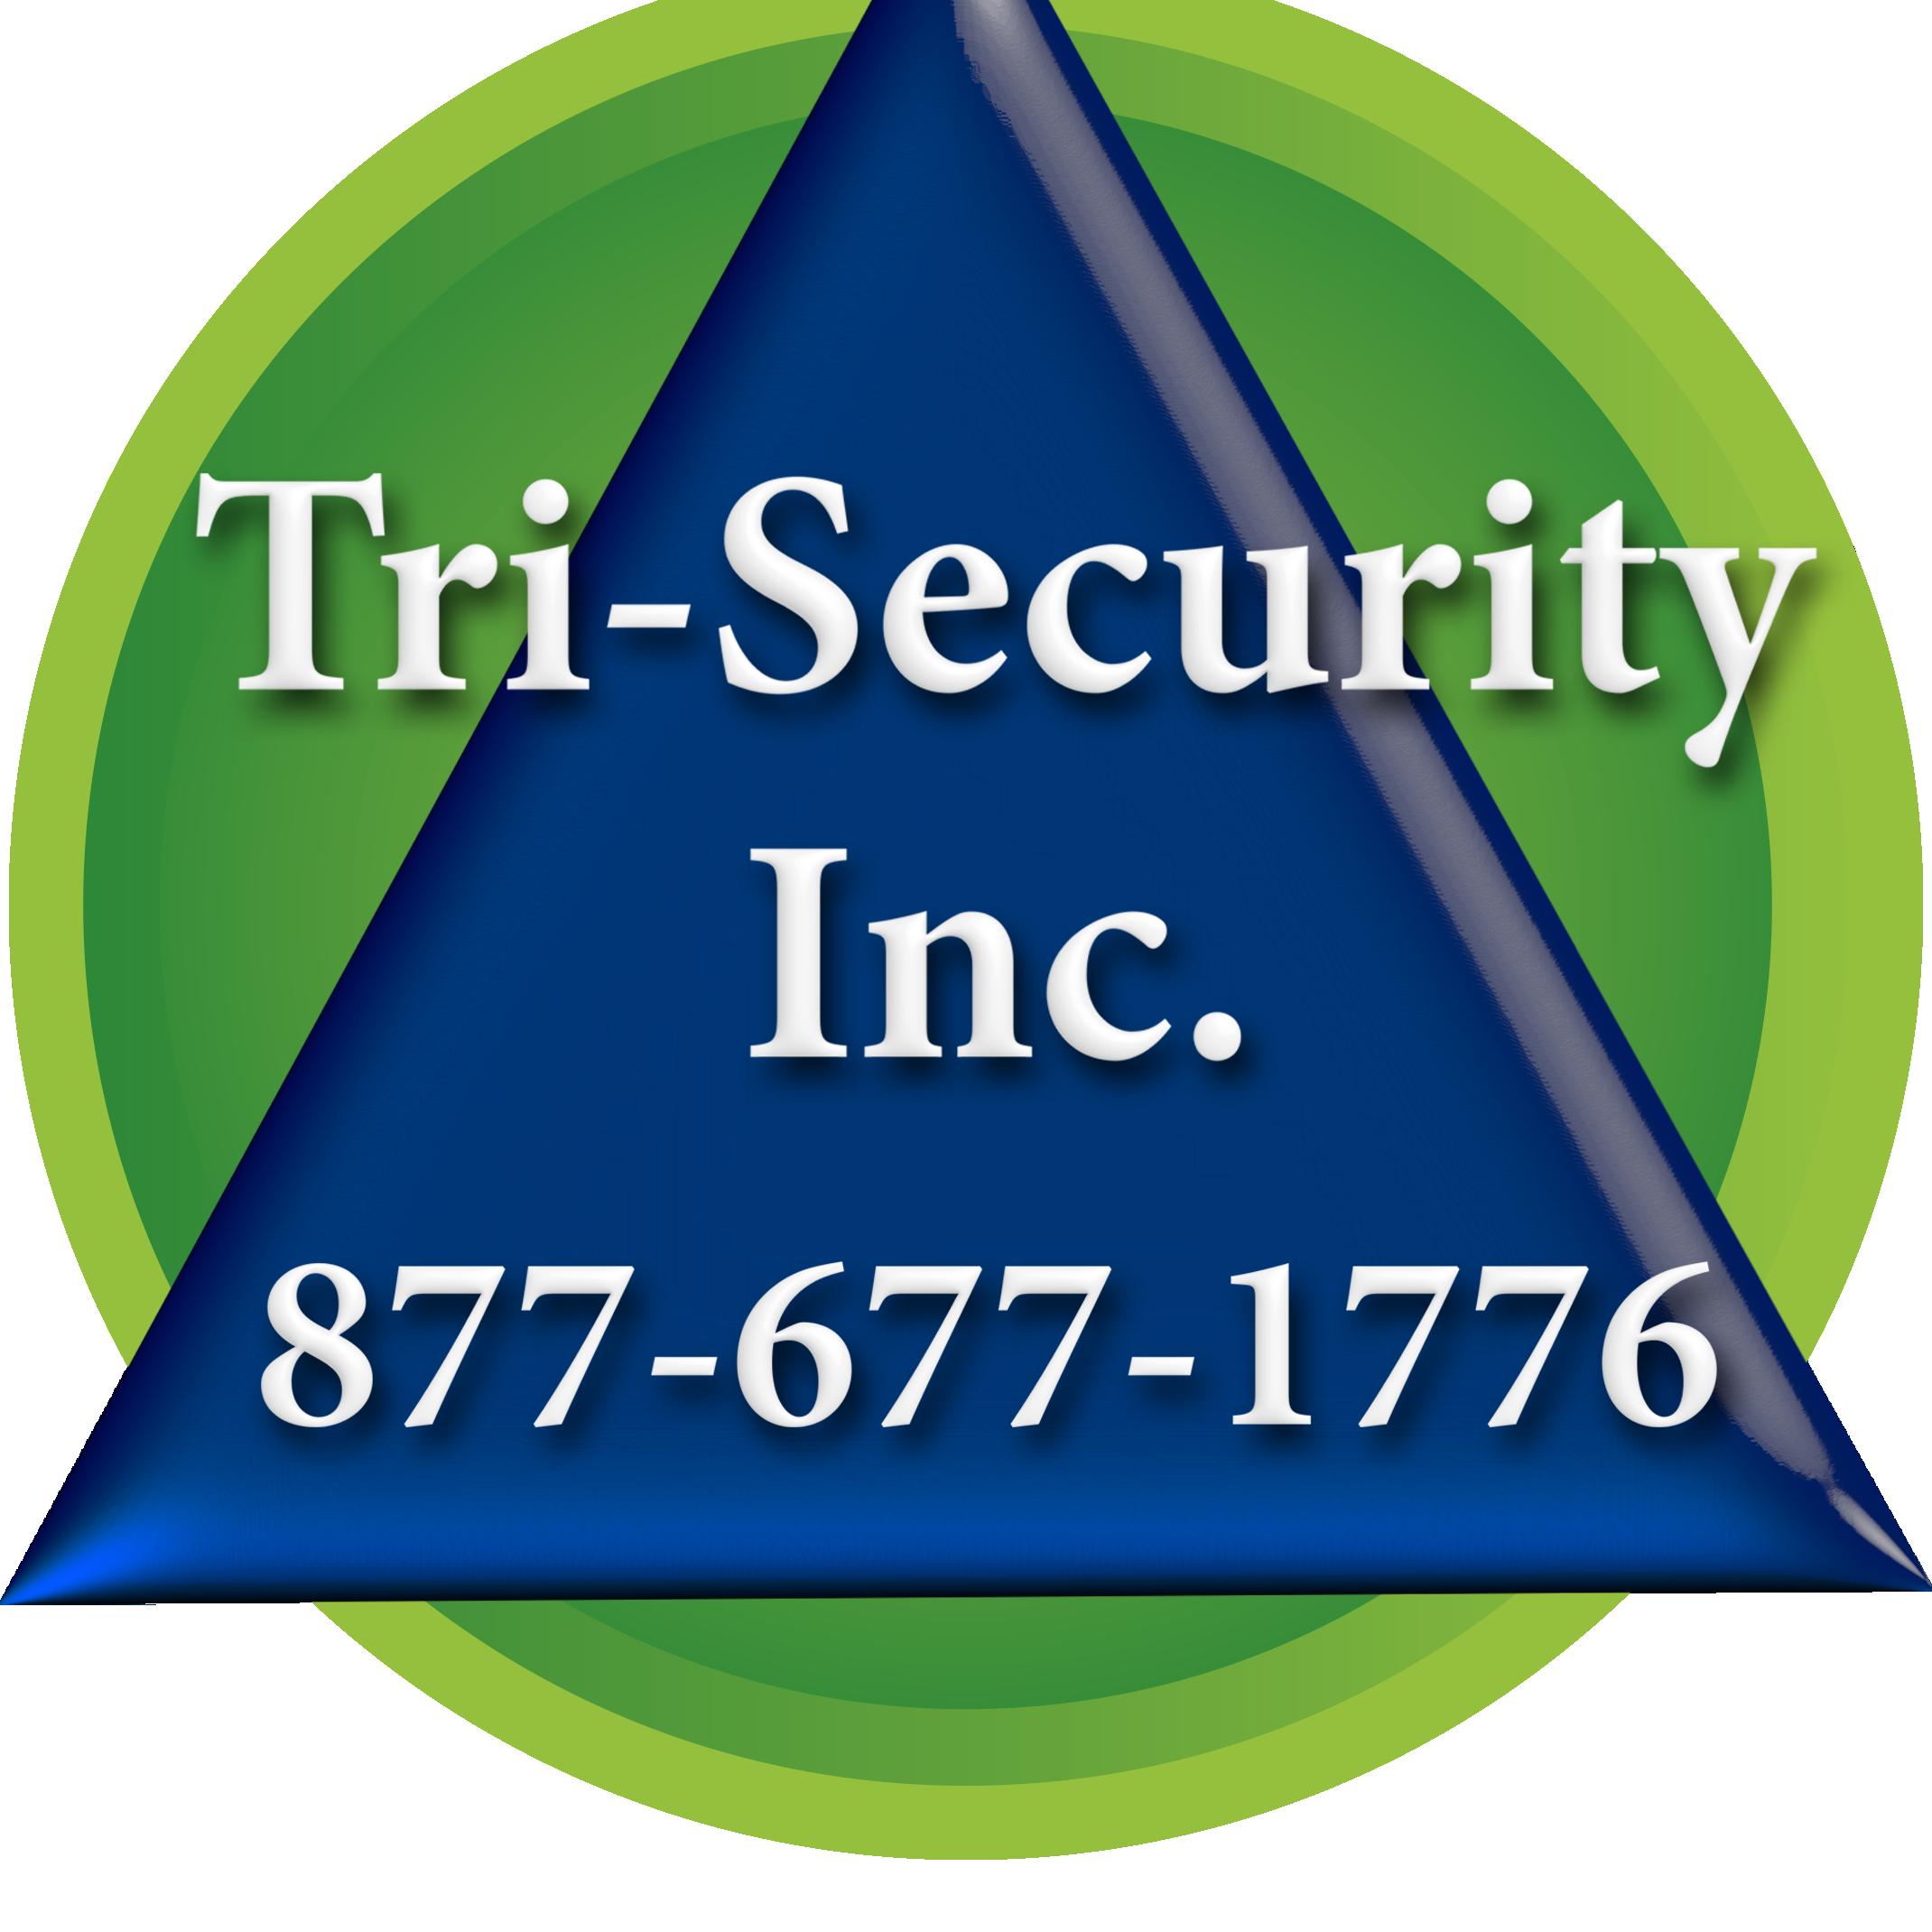 Tri Security Inc.